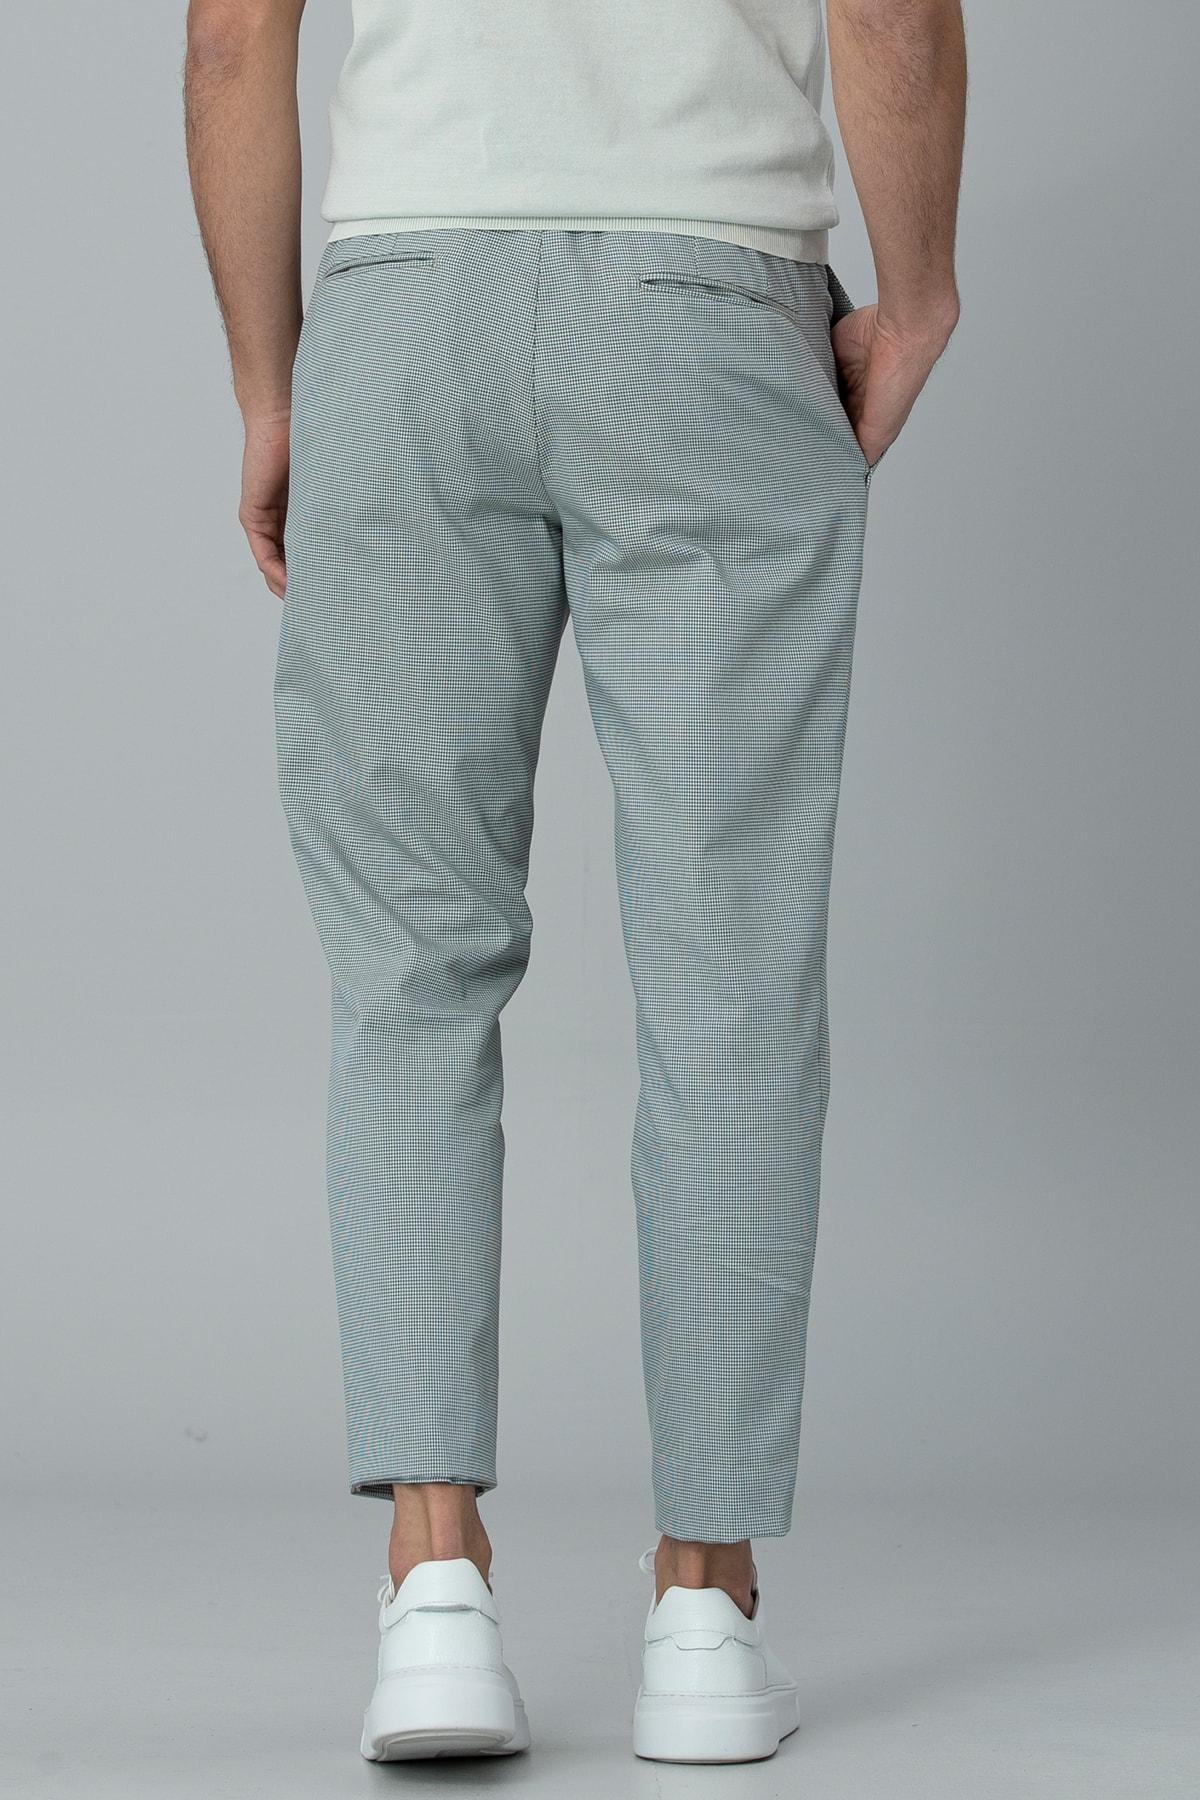 Lufian Klosi Spor Chino Pantolon Tailored Fit Yeşil 4